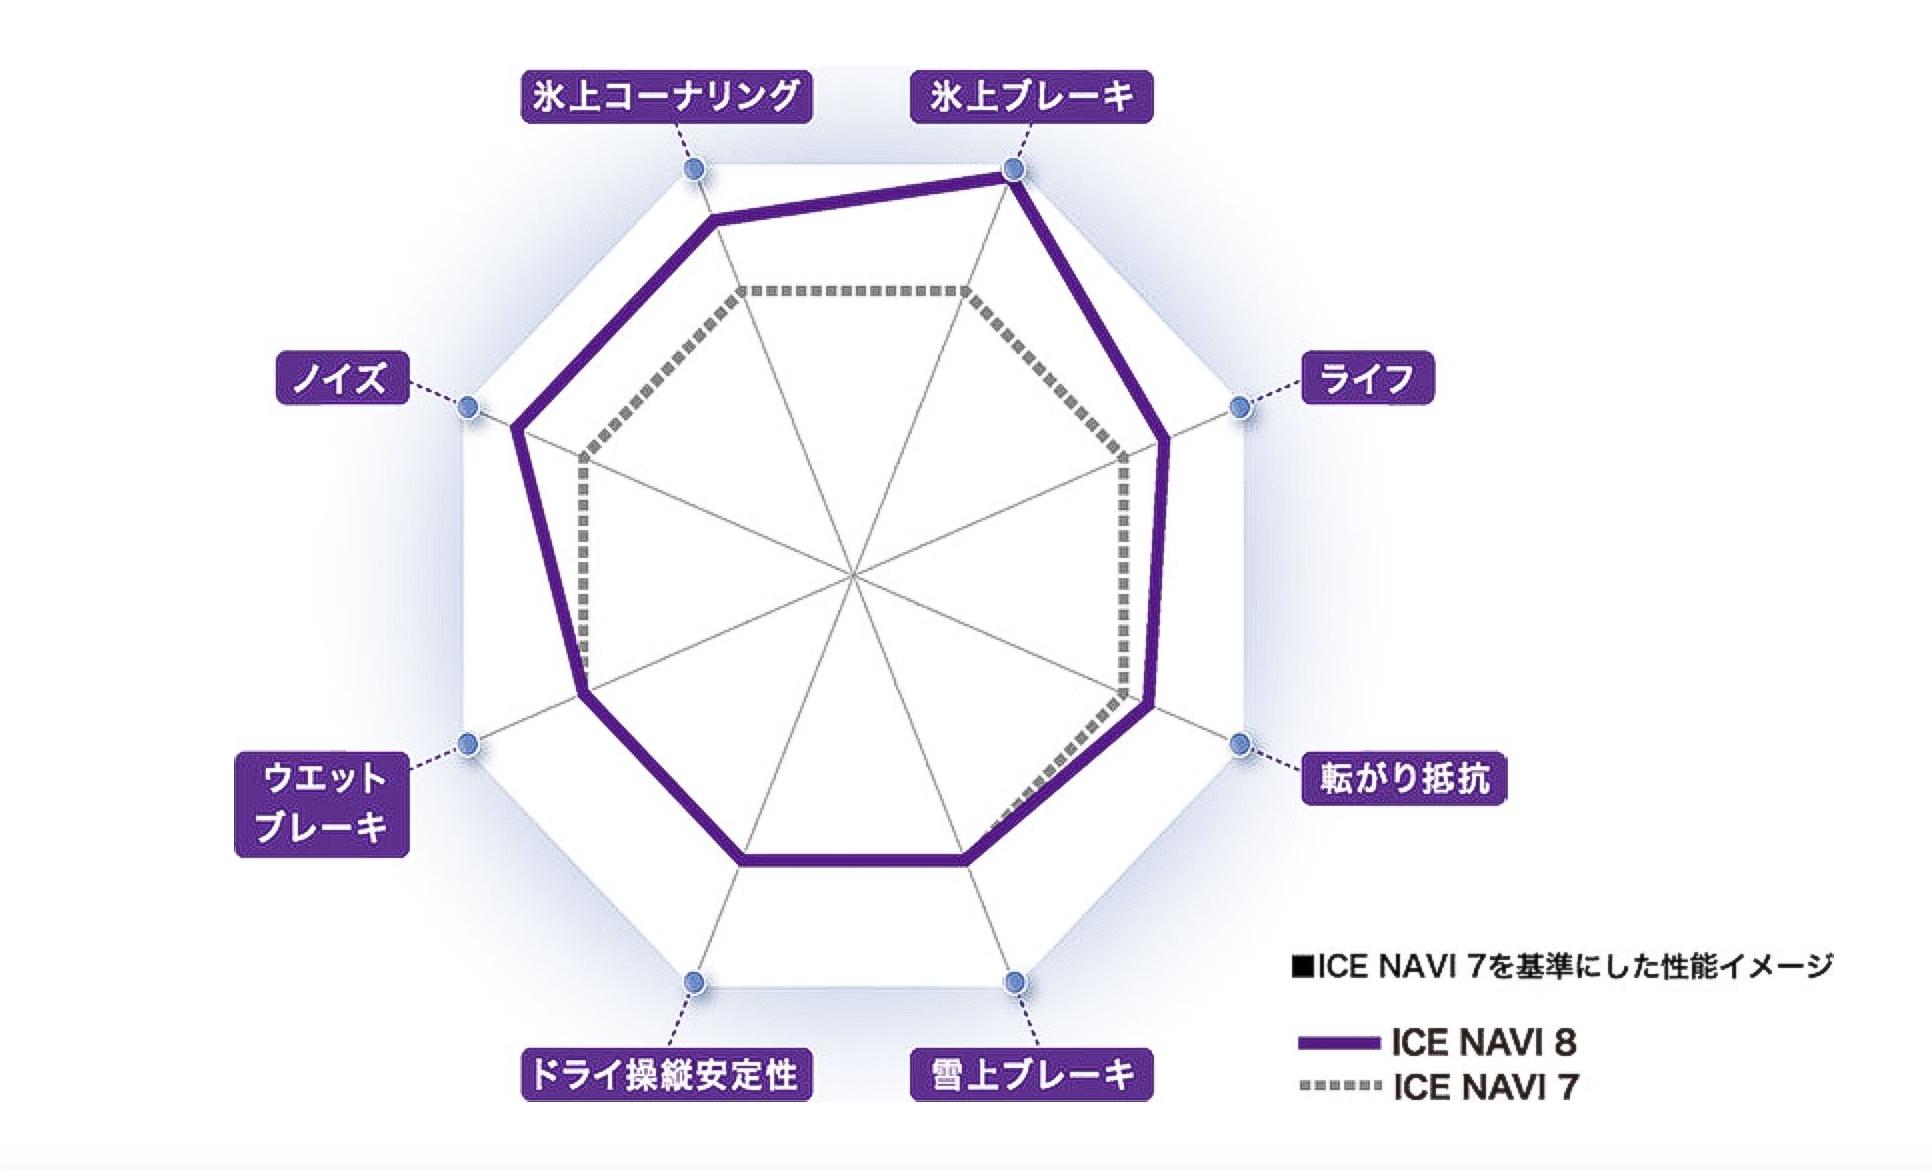 アイスナビ8 性能 比較